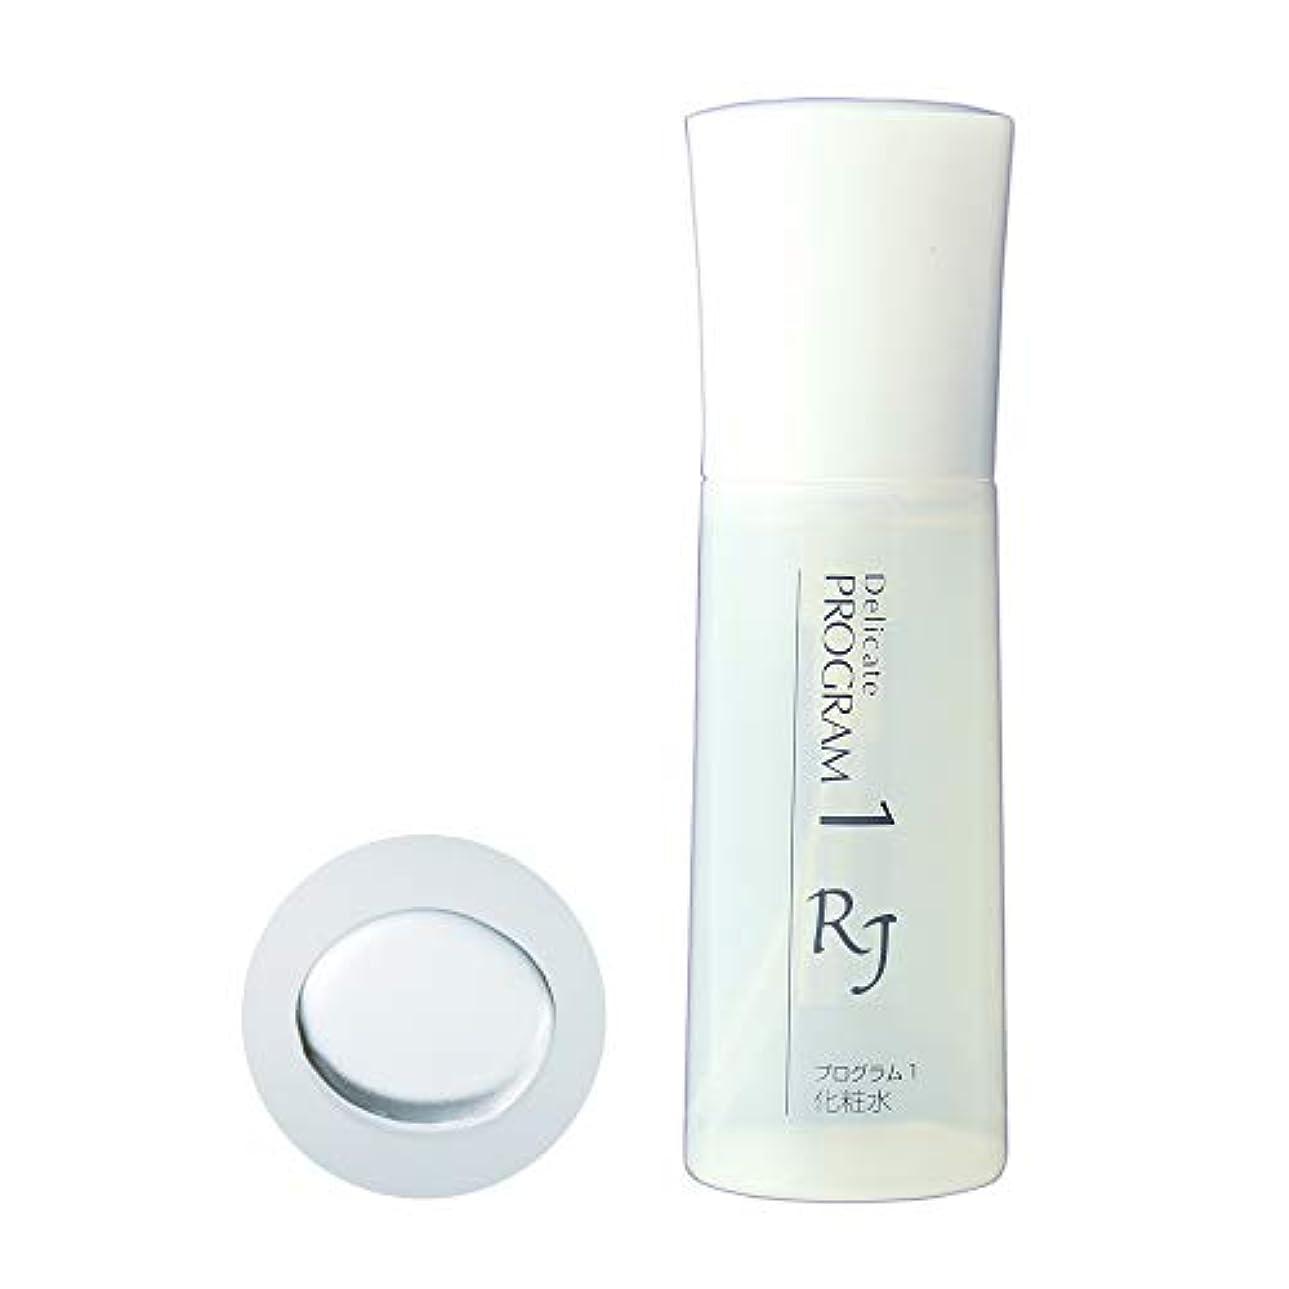 銀行金銭的な明るくするプログラム1 化粧水 敏感肌用化粧水 100mL